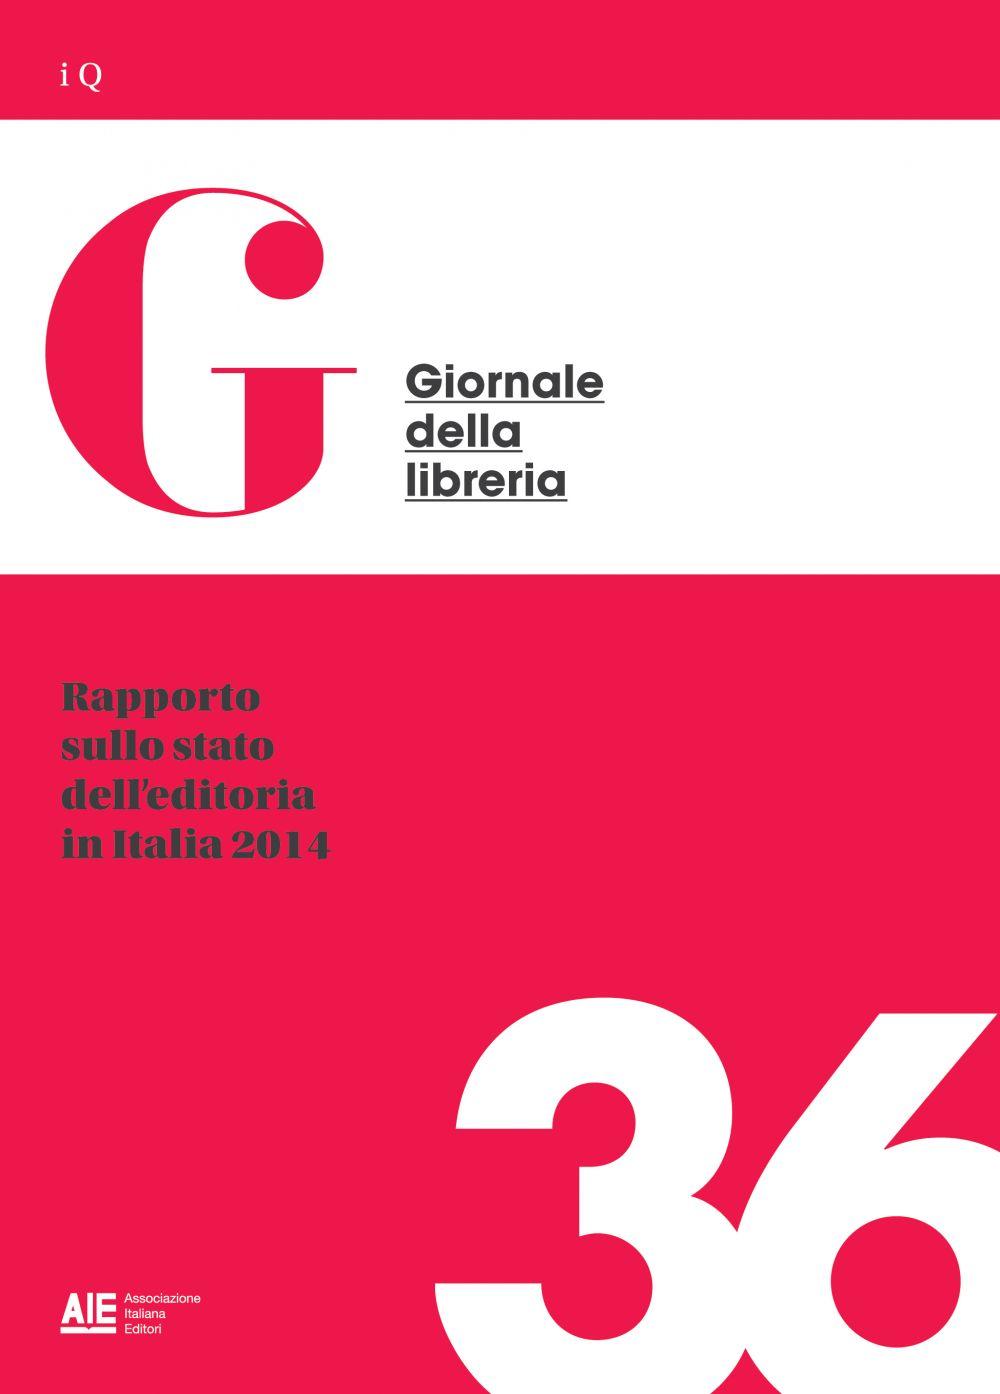 Rapporto sullo stato dell'editoria in Italia 2014